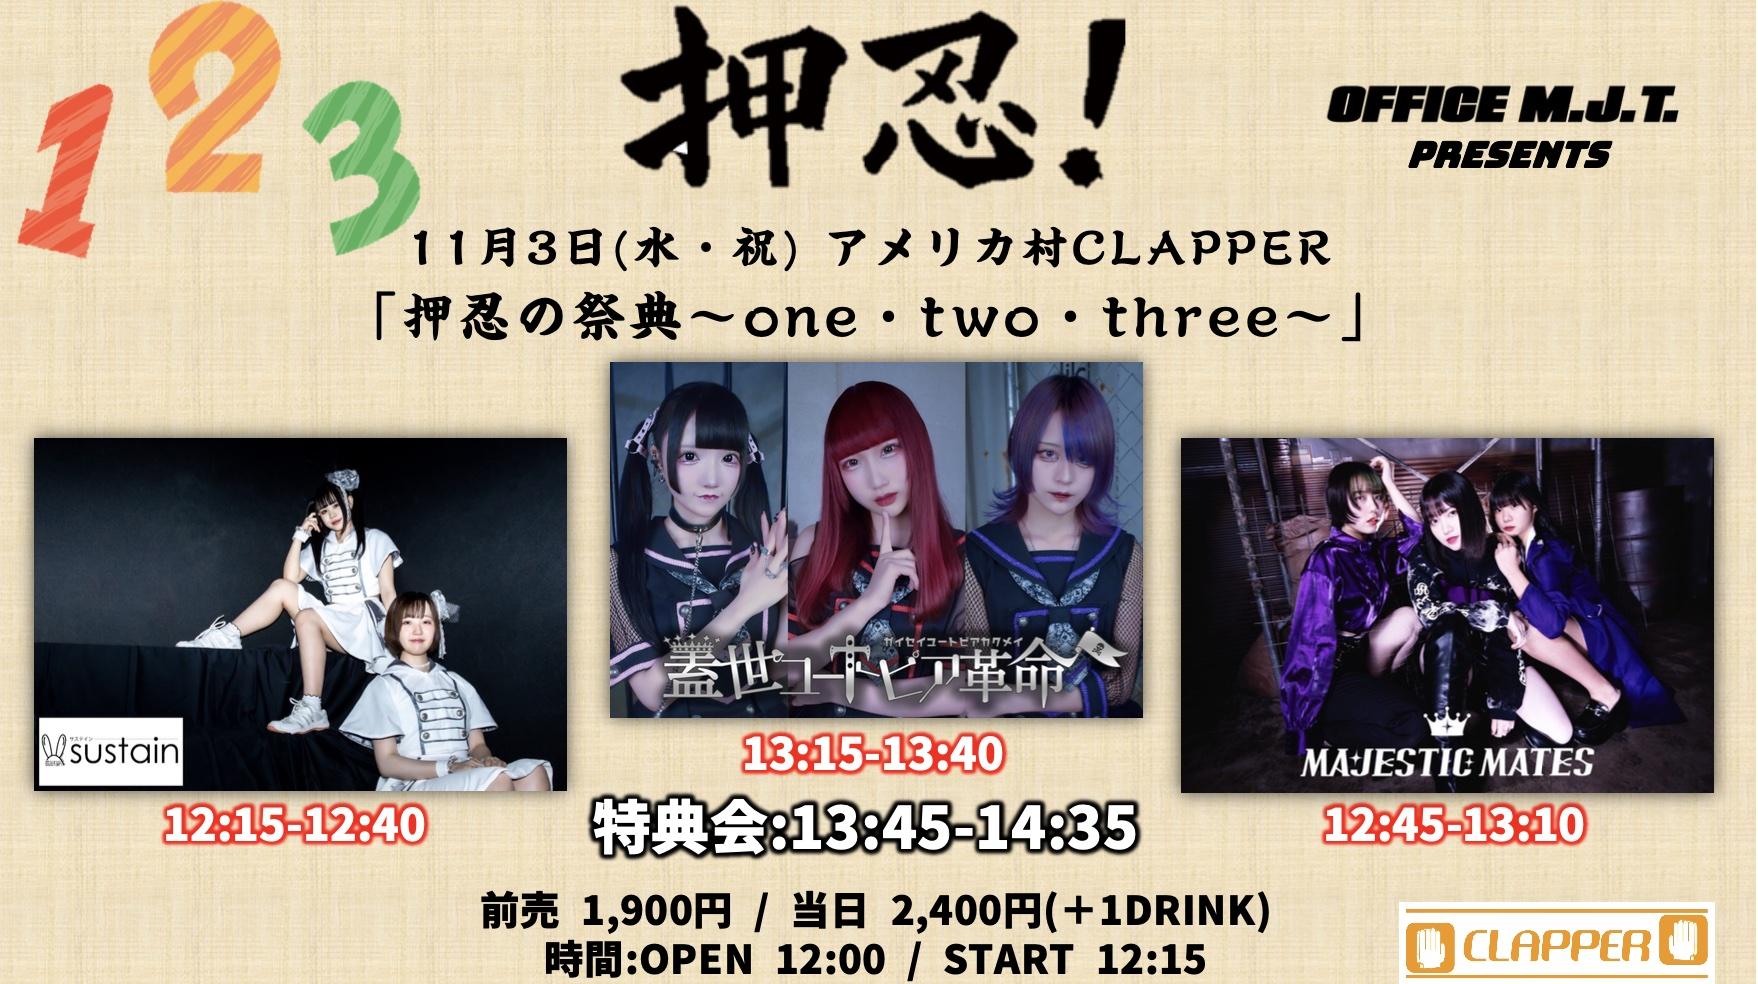 「押忍の祭典〜one・two・three〜」